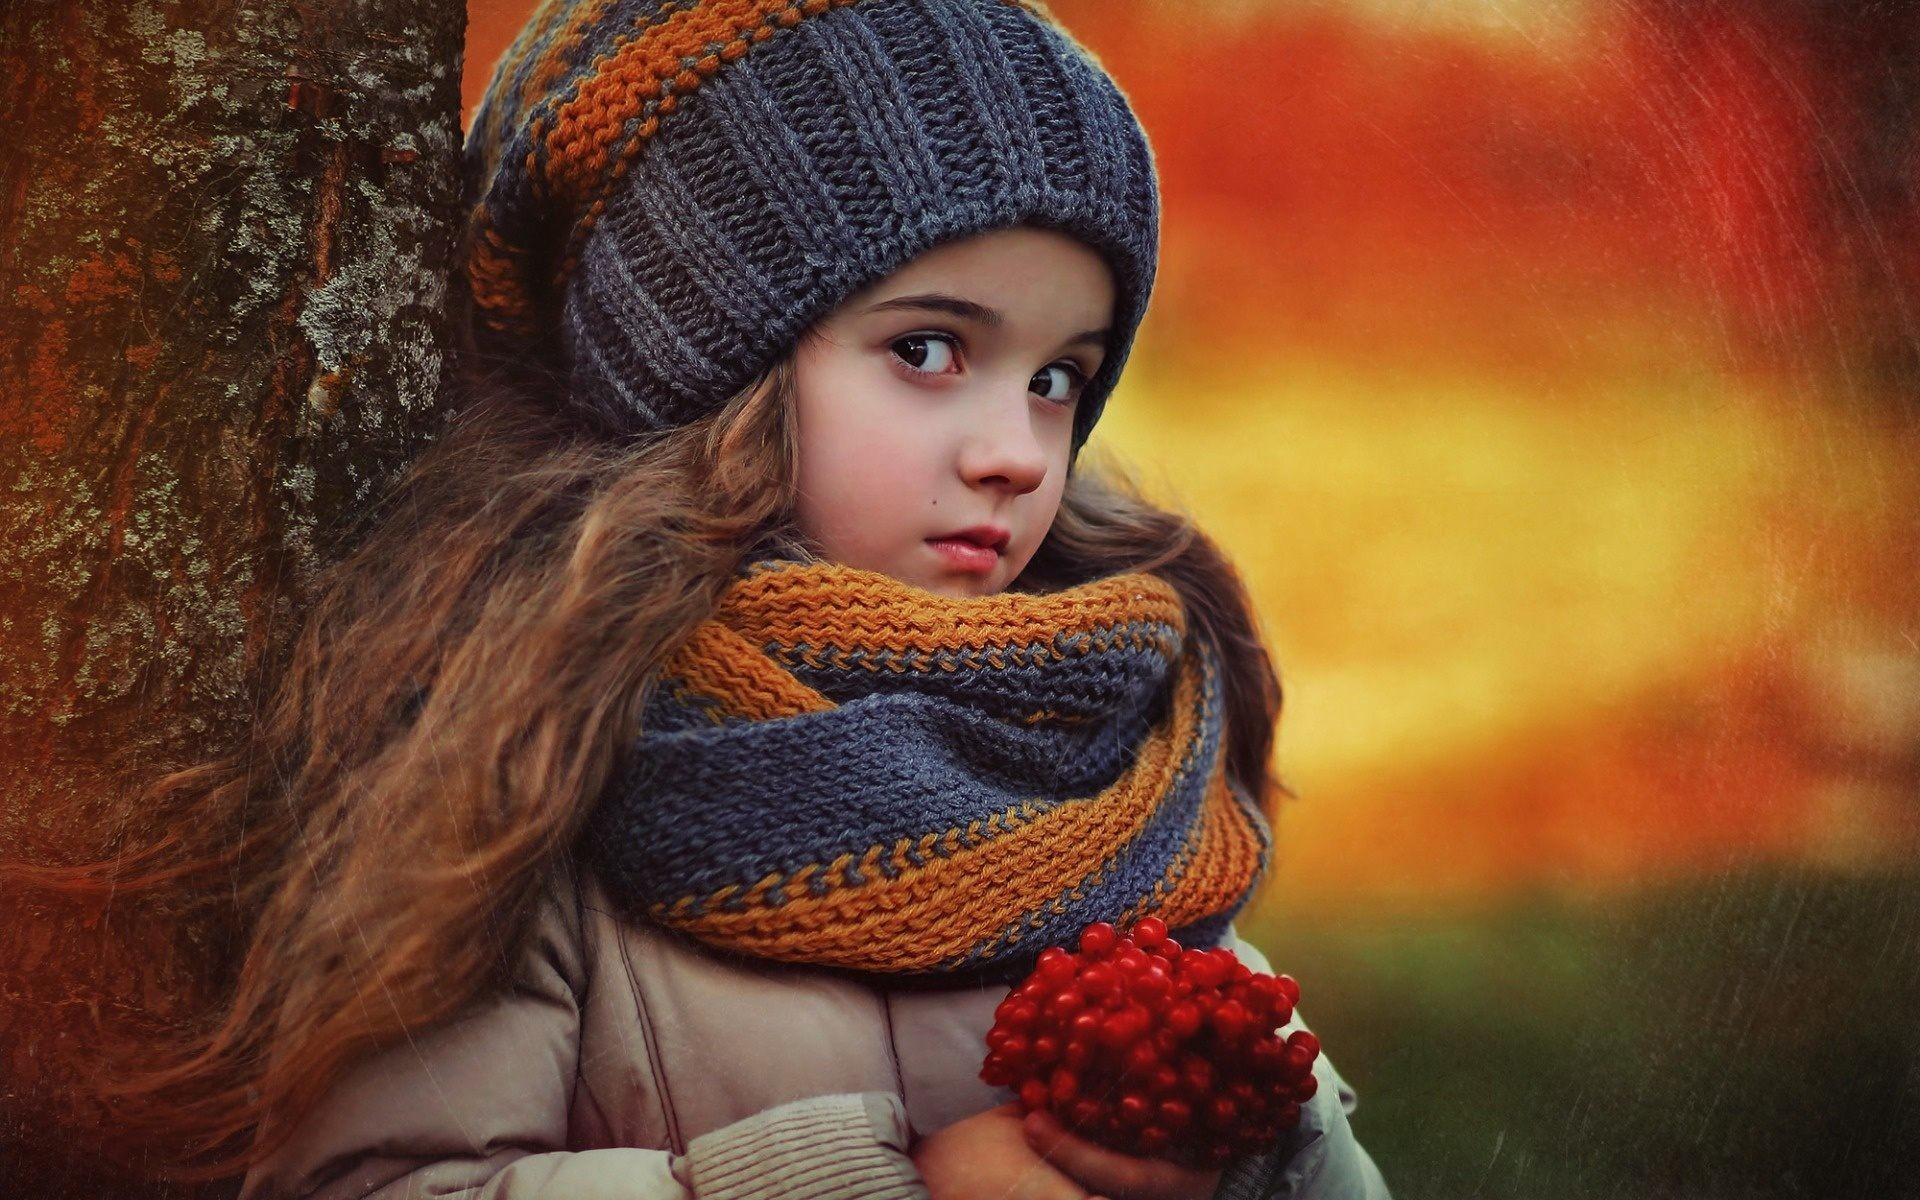 Cute Girls Wallpapers ID: NUJ78